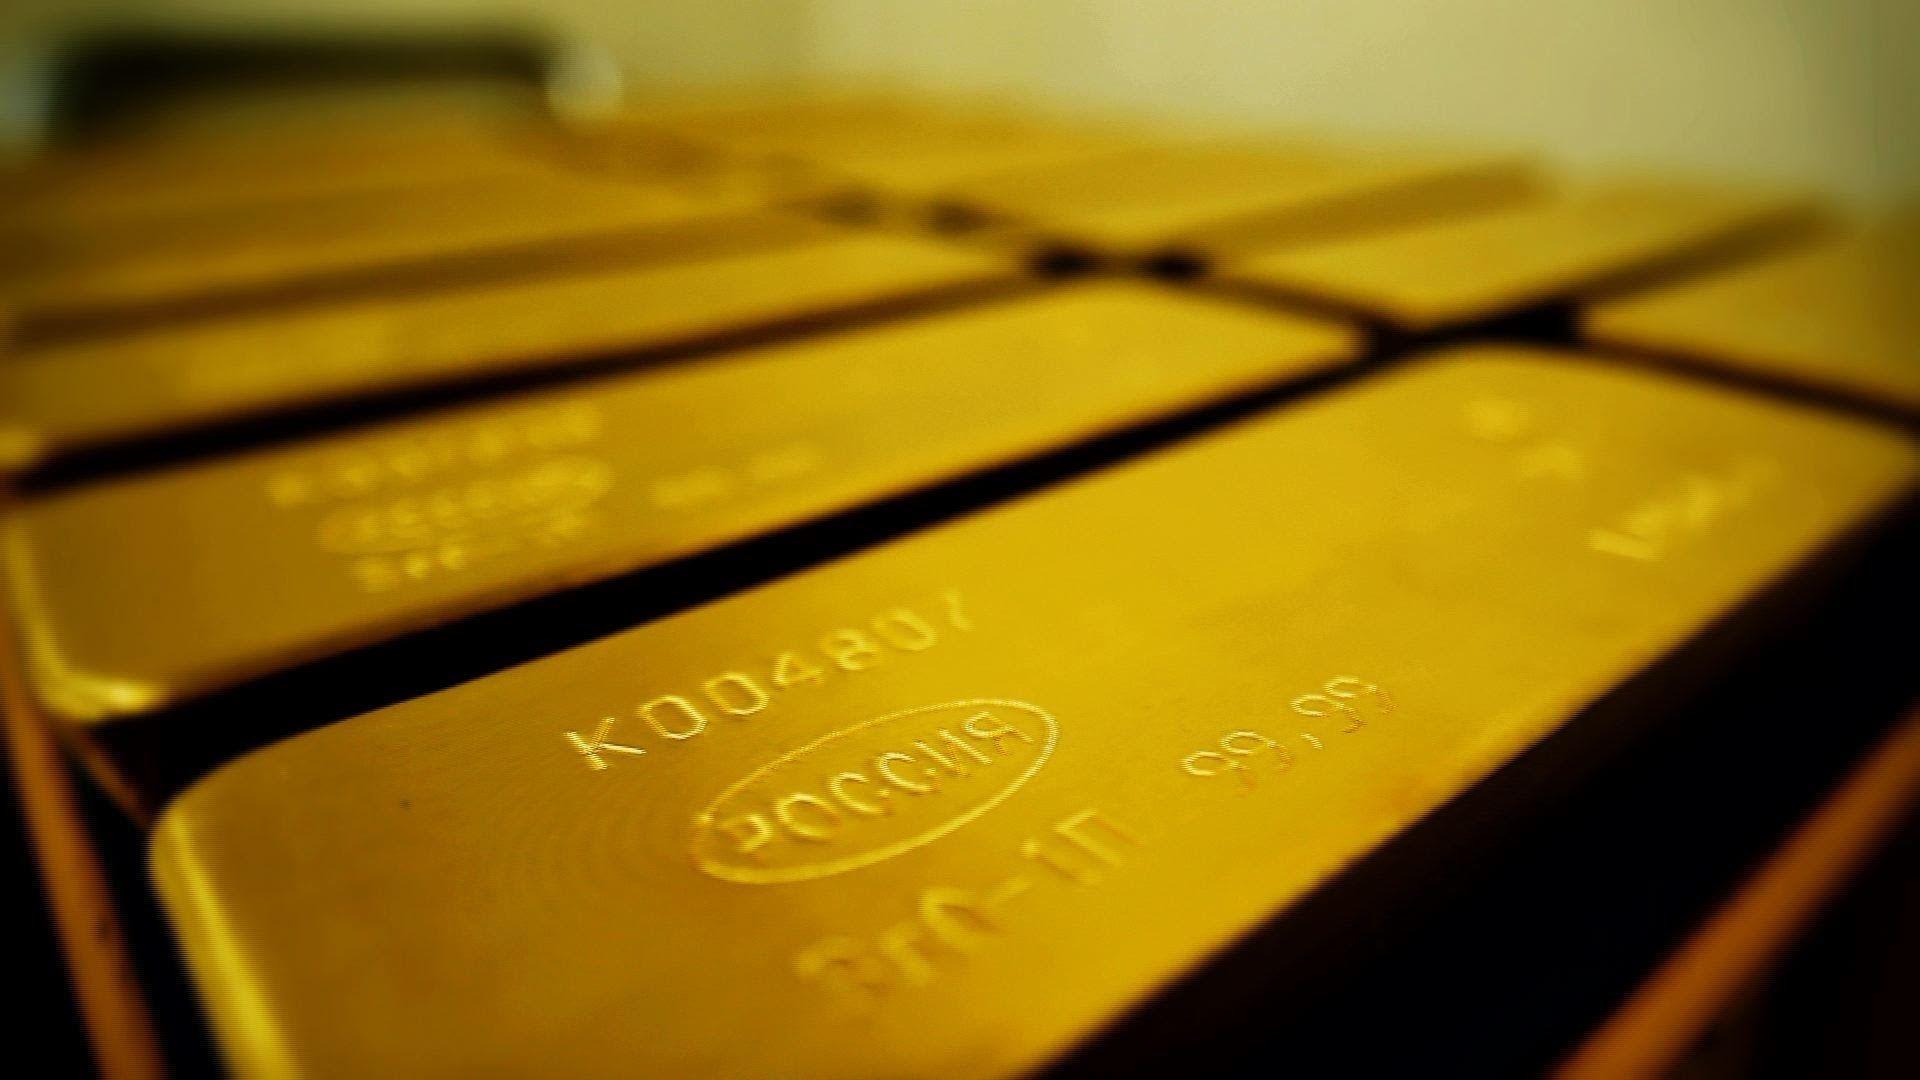 Мировые центробанки в июле купили в общем 8,8 тонны золота- Kapital.kz